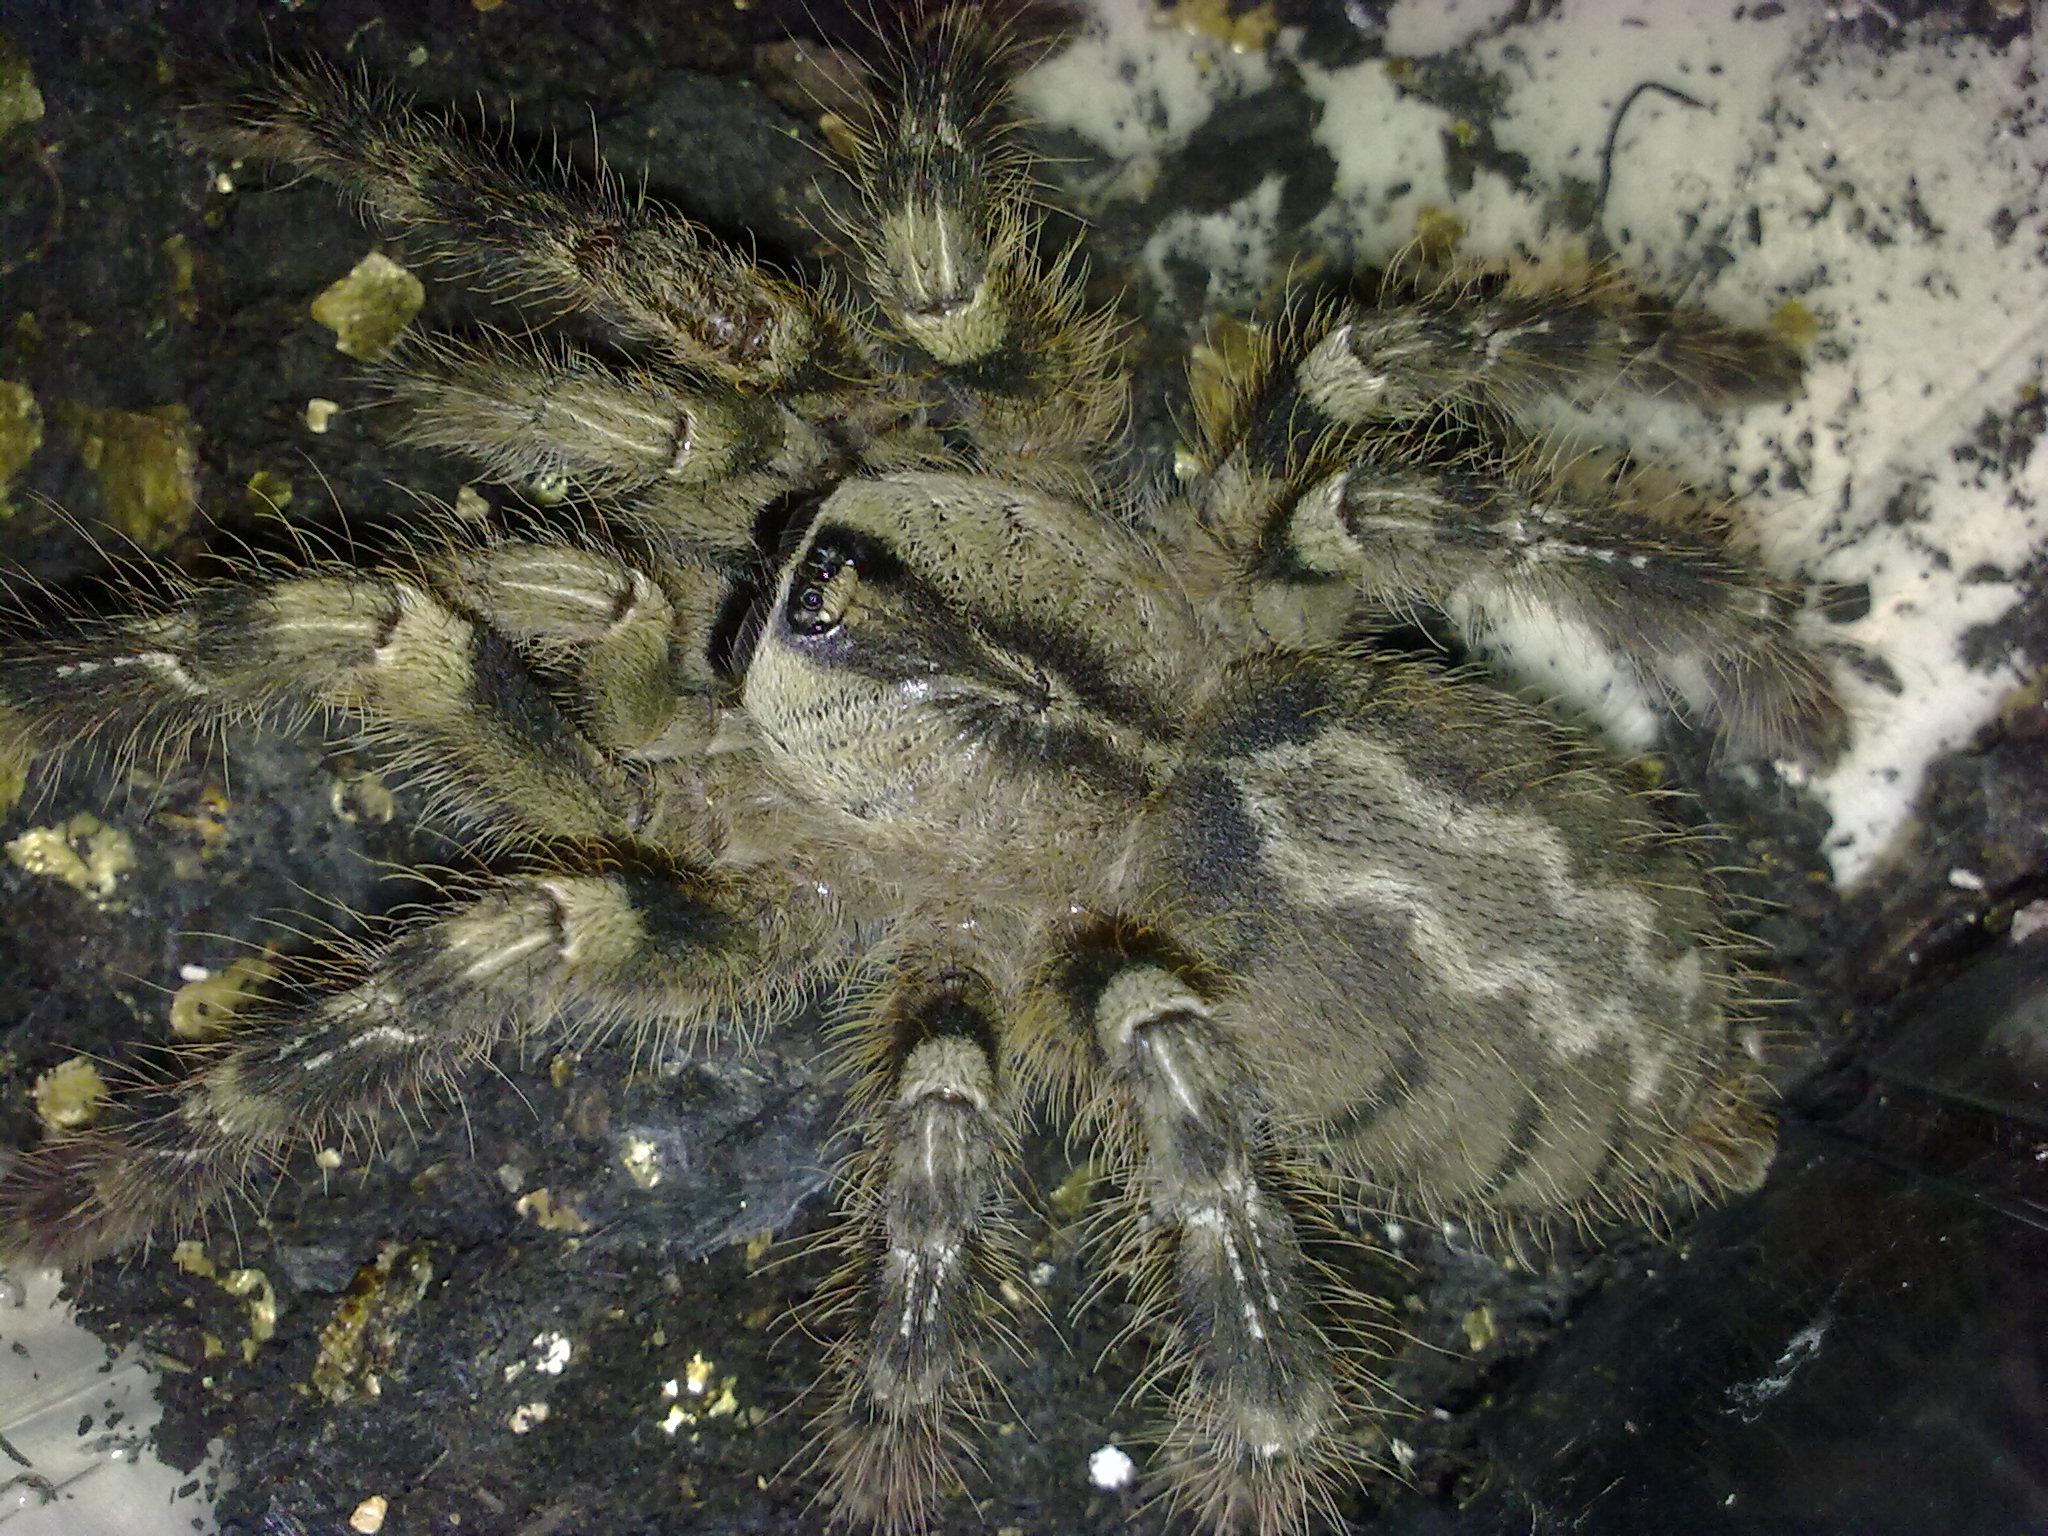 Indian Ornamental Tarantula CB (Poecilitheria regalis) Image